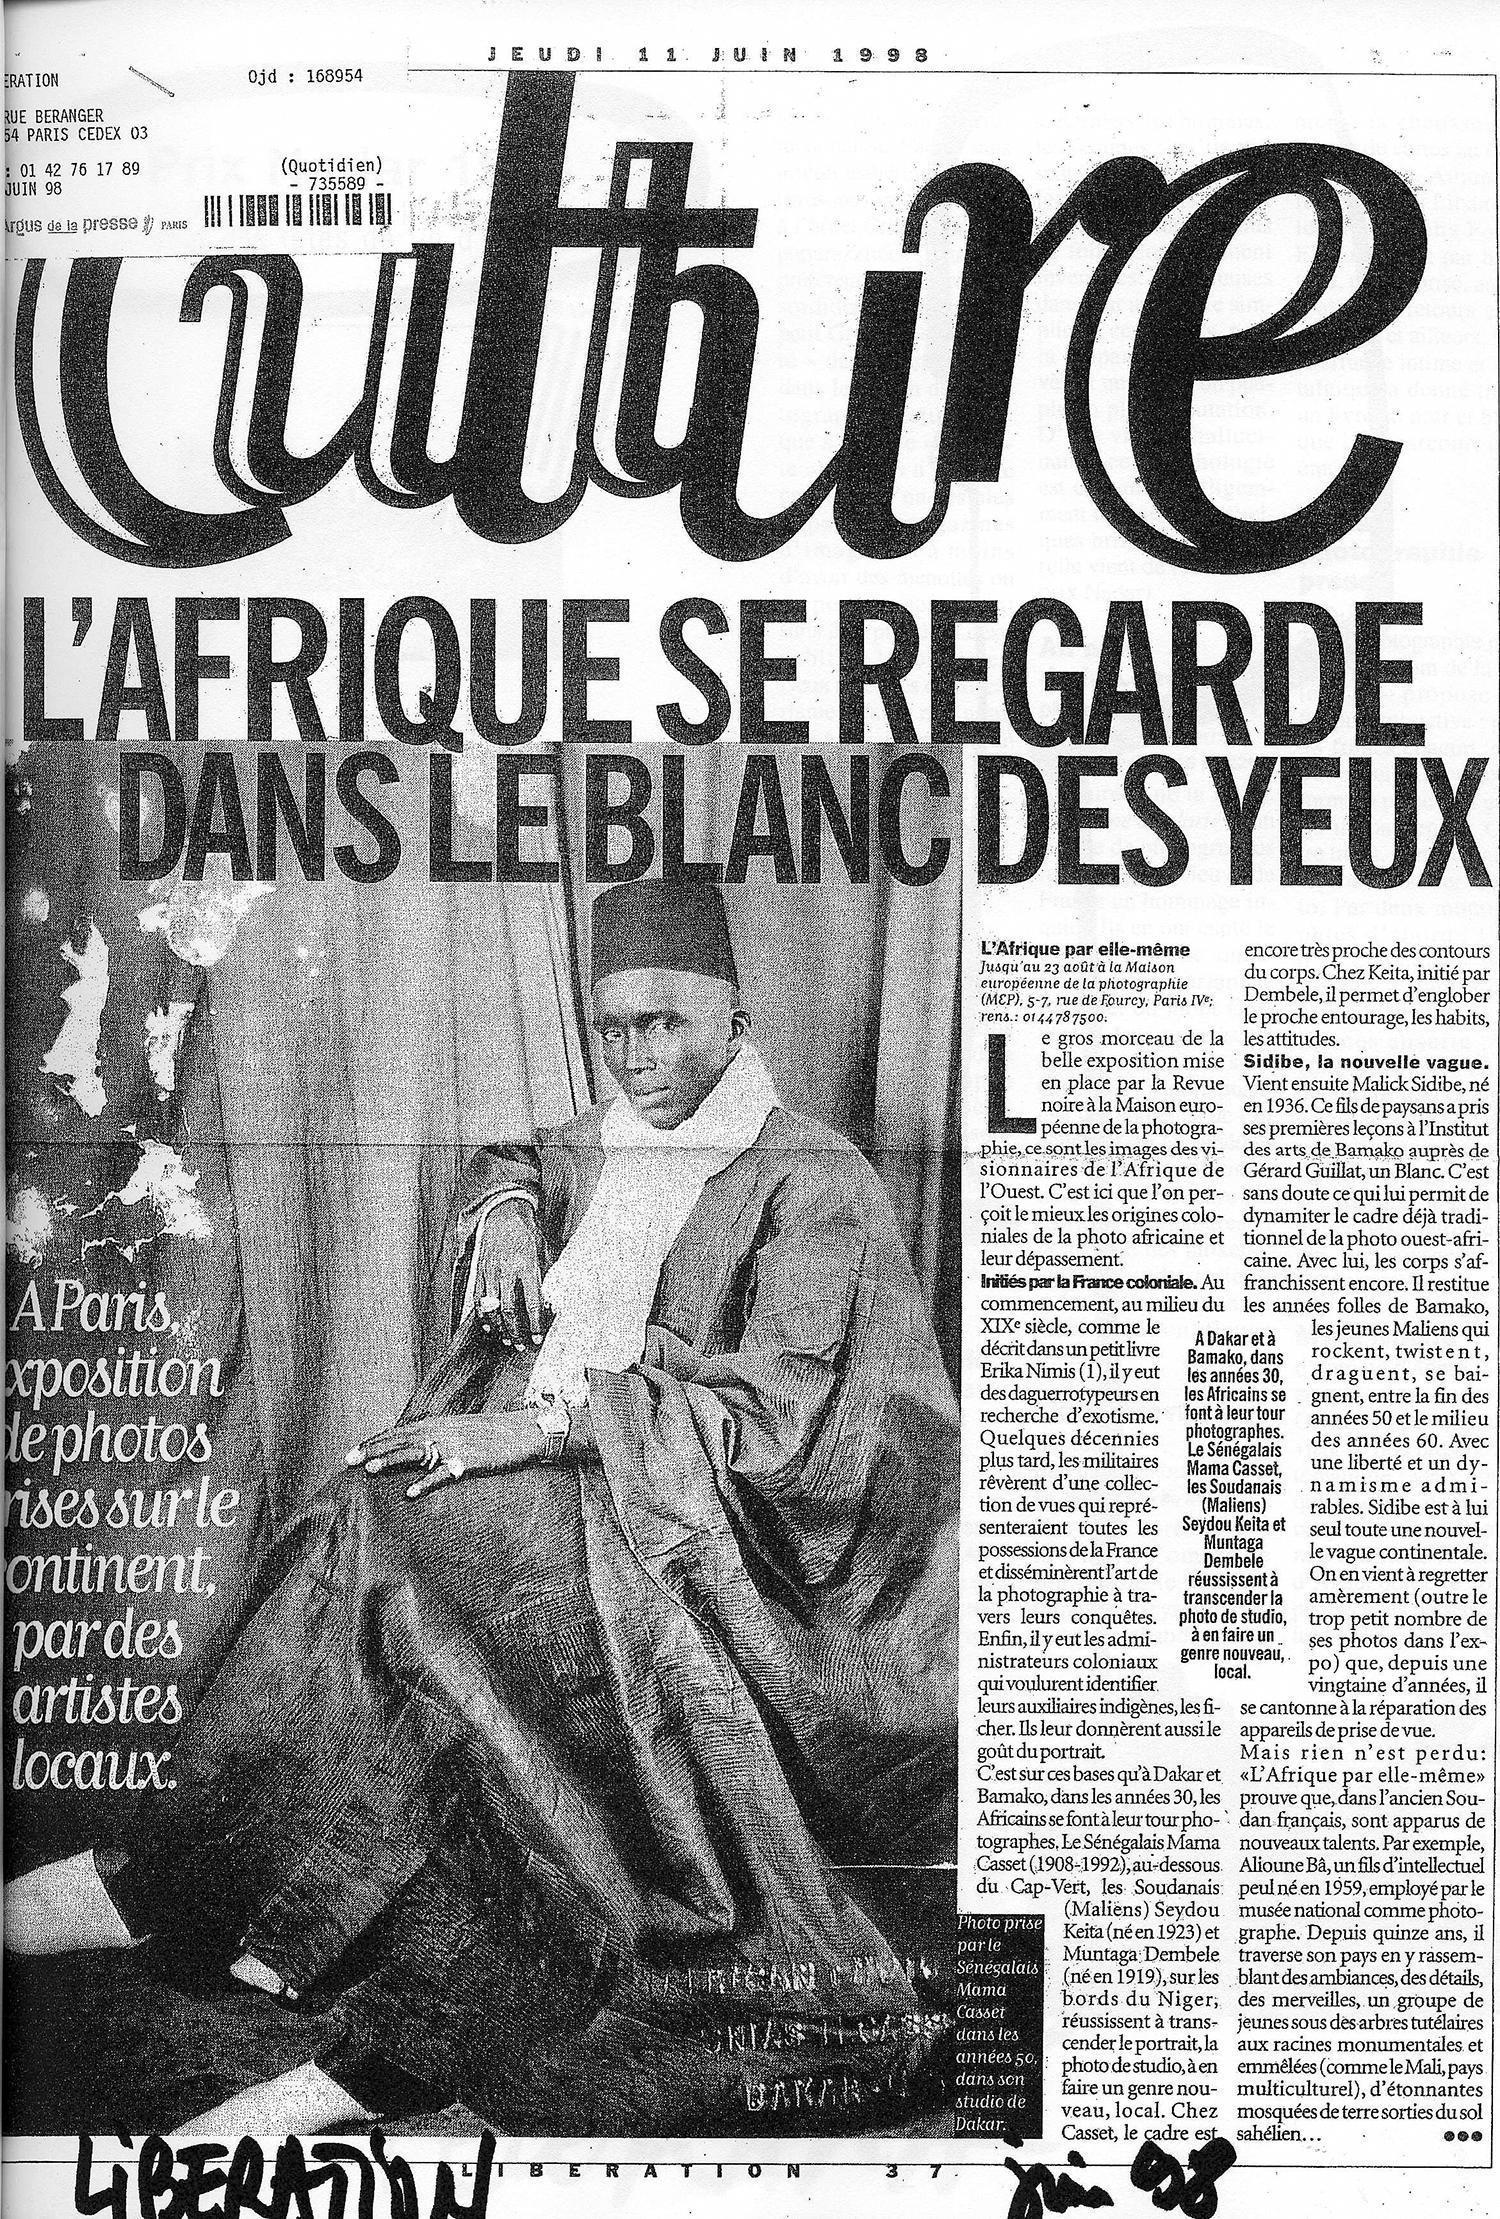 REVUE NOIRE revue de presse: Libération juin 1998 par Brigitte Olier. L'Afrique se regarde dans le blanc des yeux. L'exposition L'Afrique par Elle-même de Revue Noire, MEP de Paris